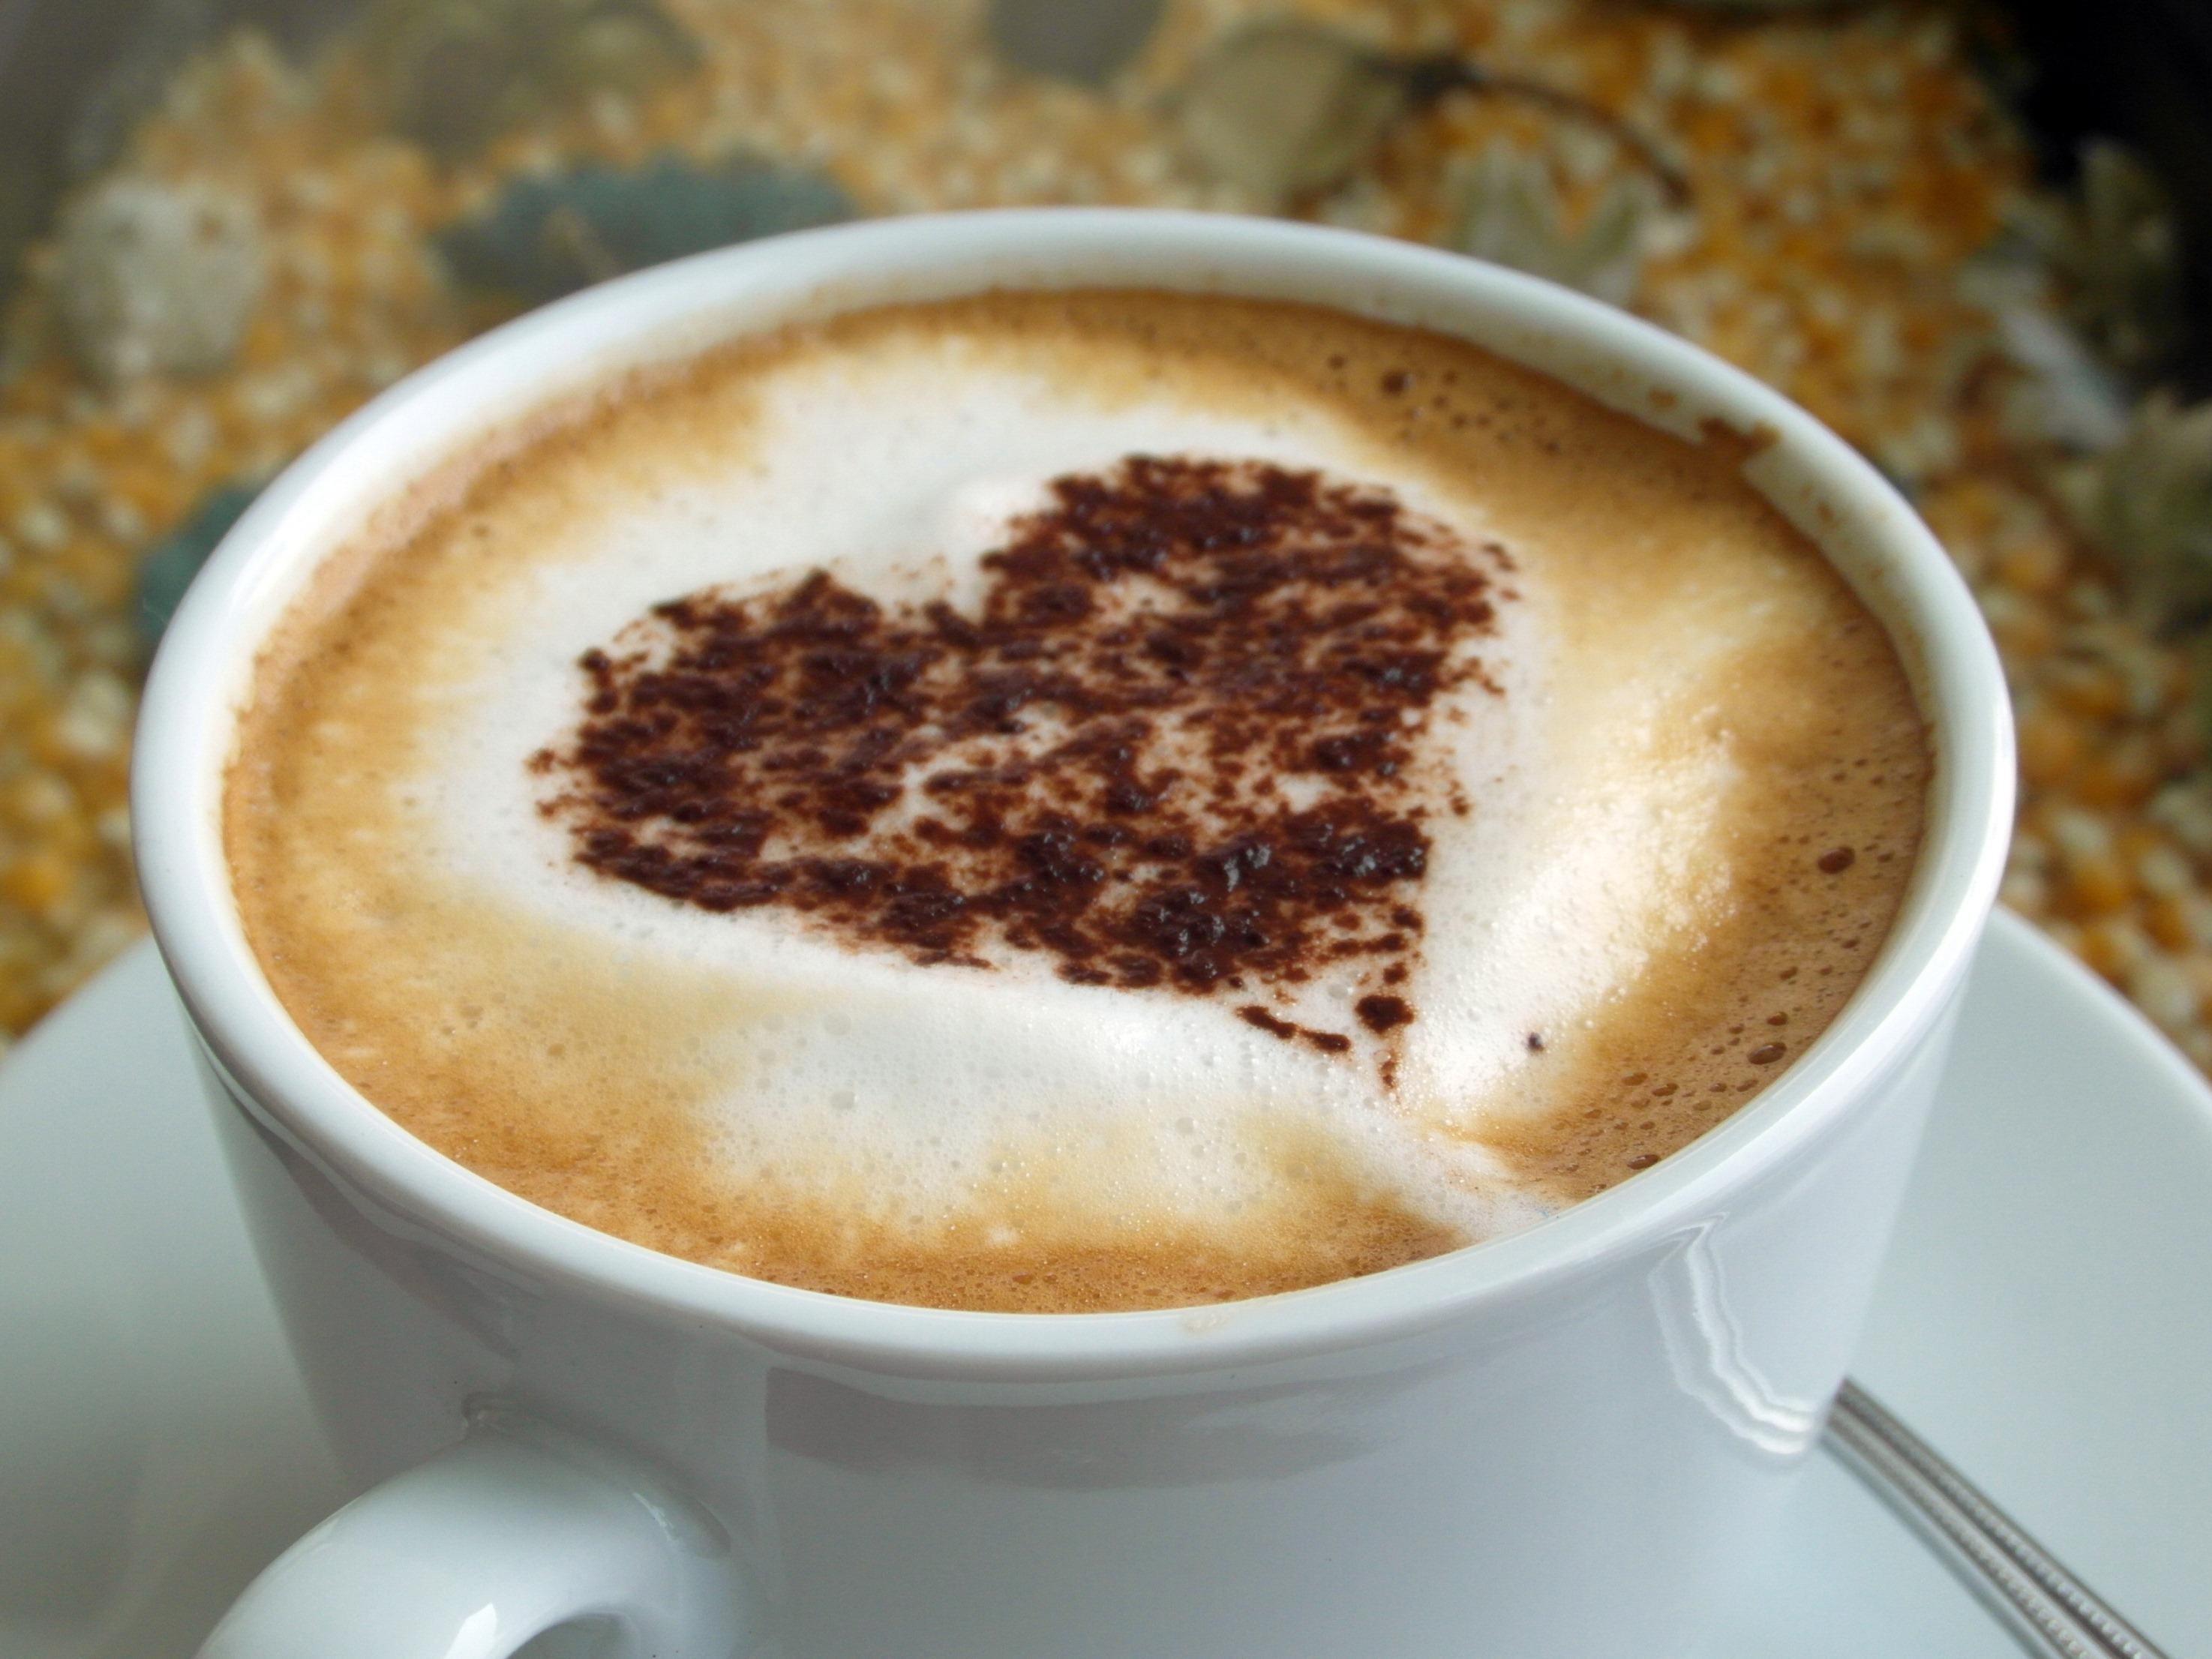 Mok bepaalt de smaak en prijs van koffie